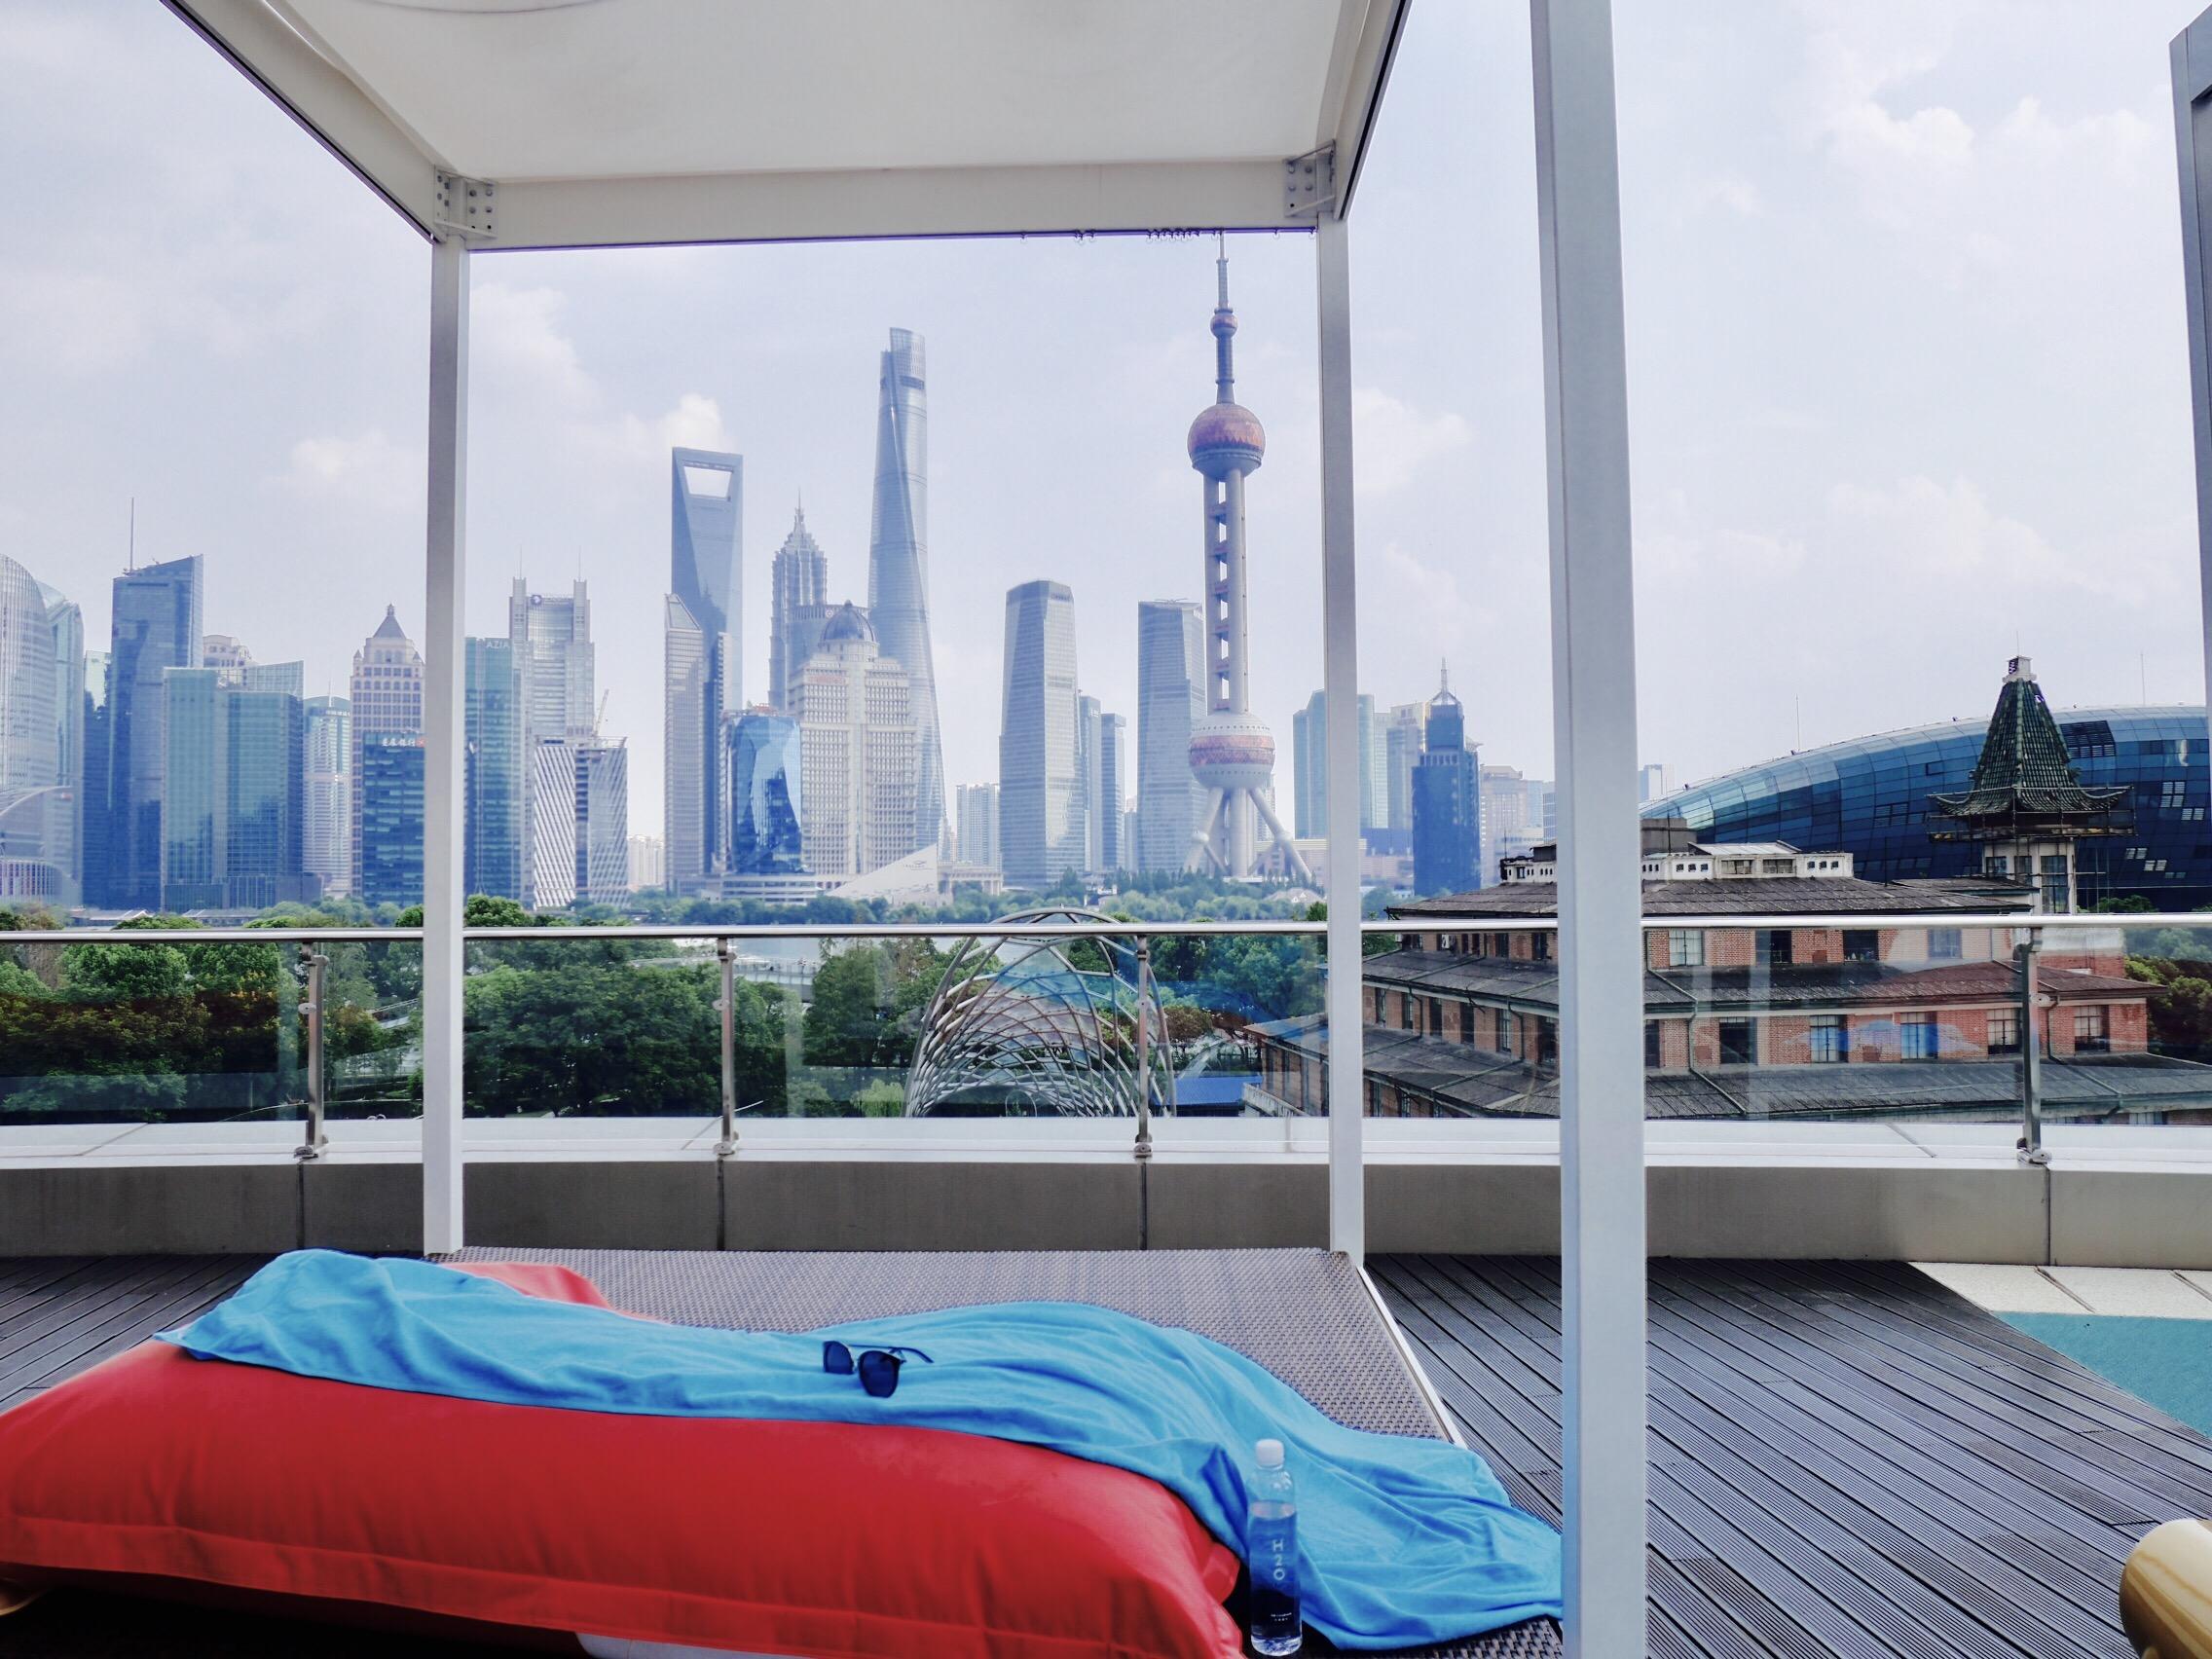 img 7700 - W HOTEL - 上海No.1の景色を楽しむホテル